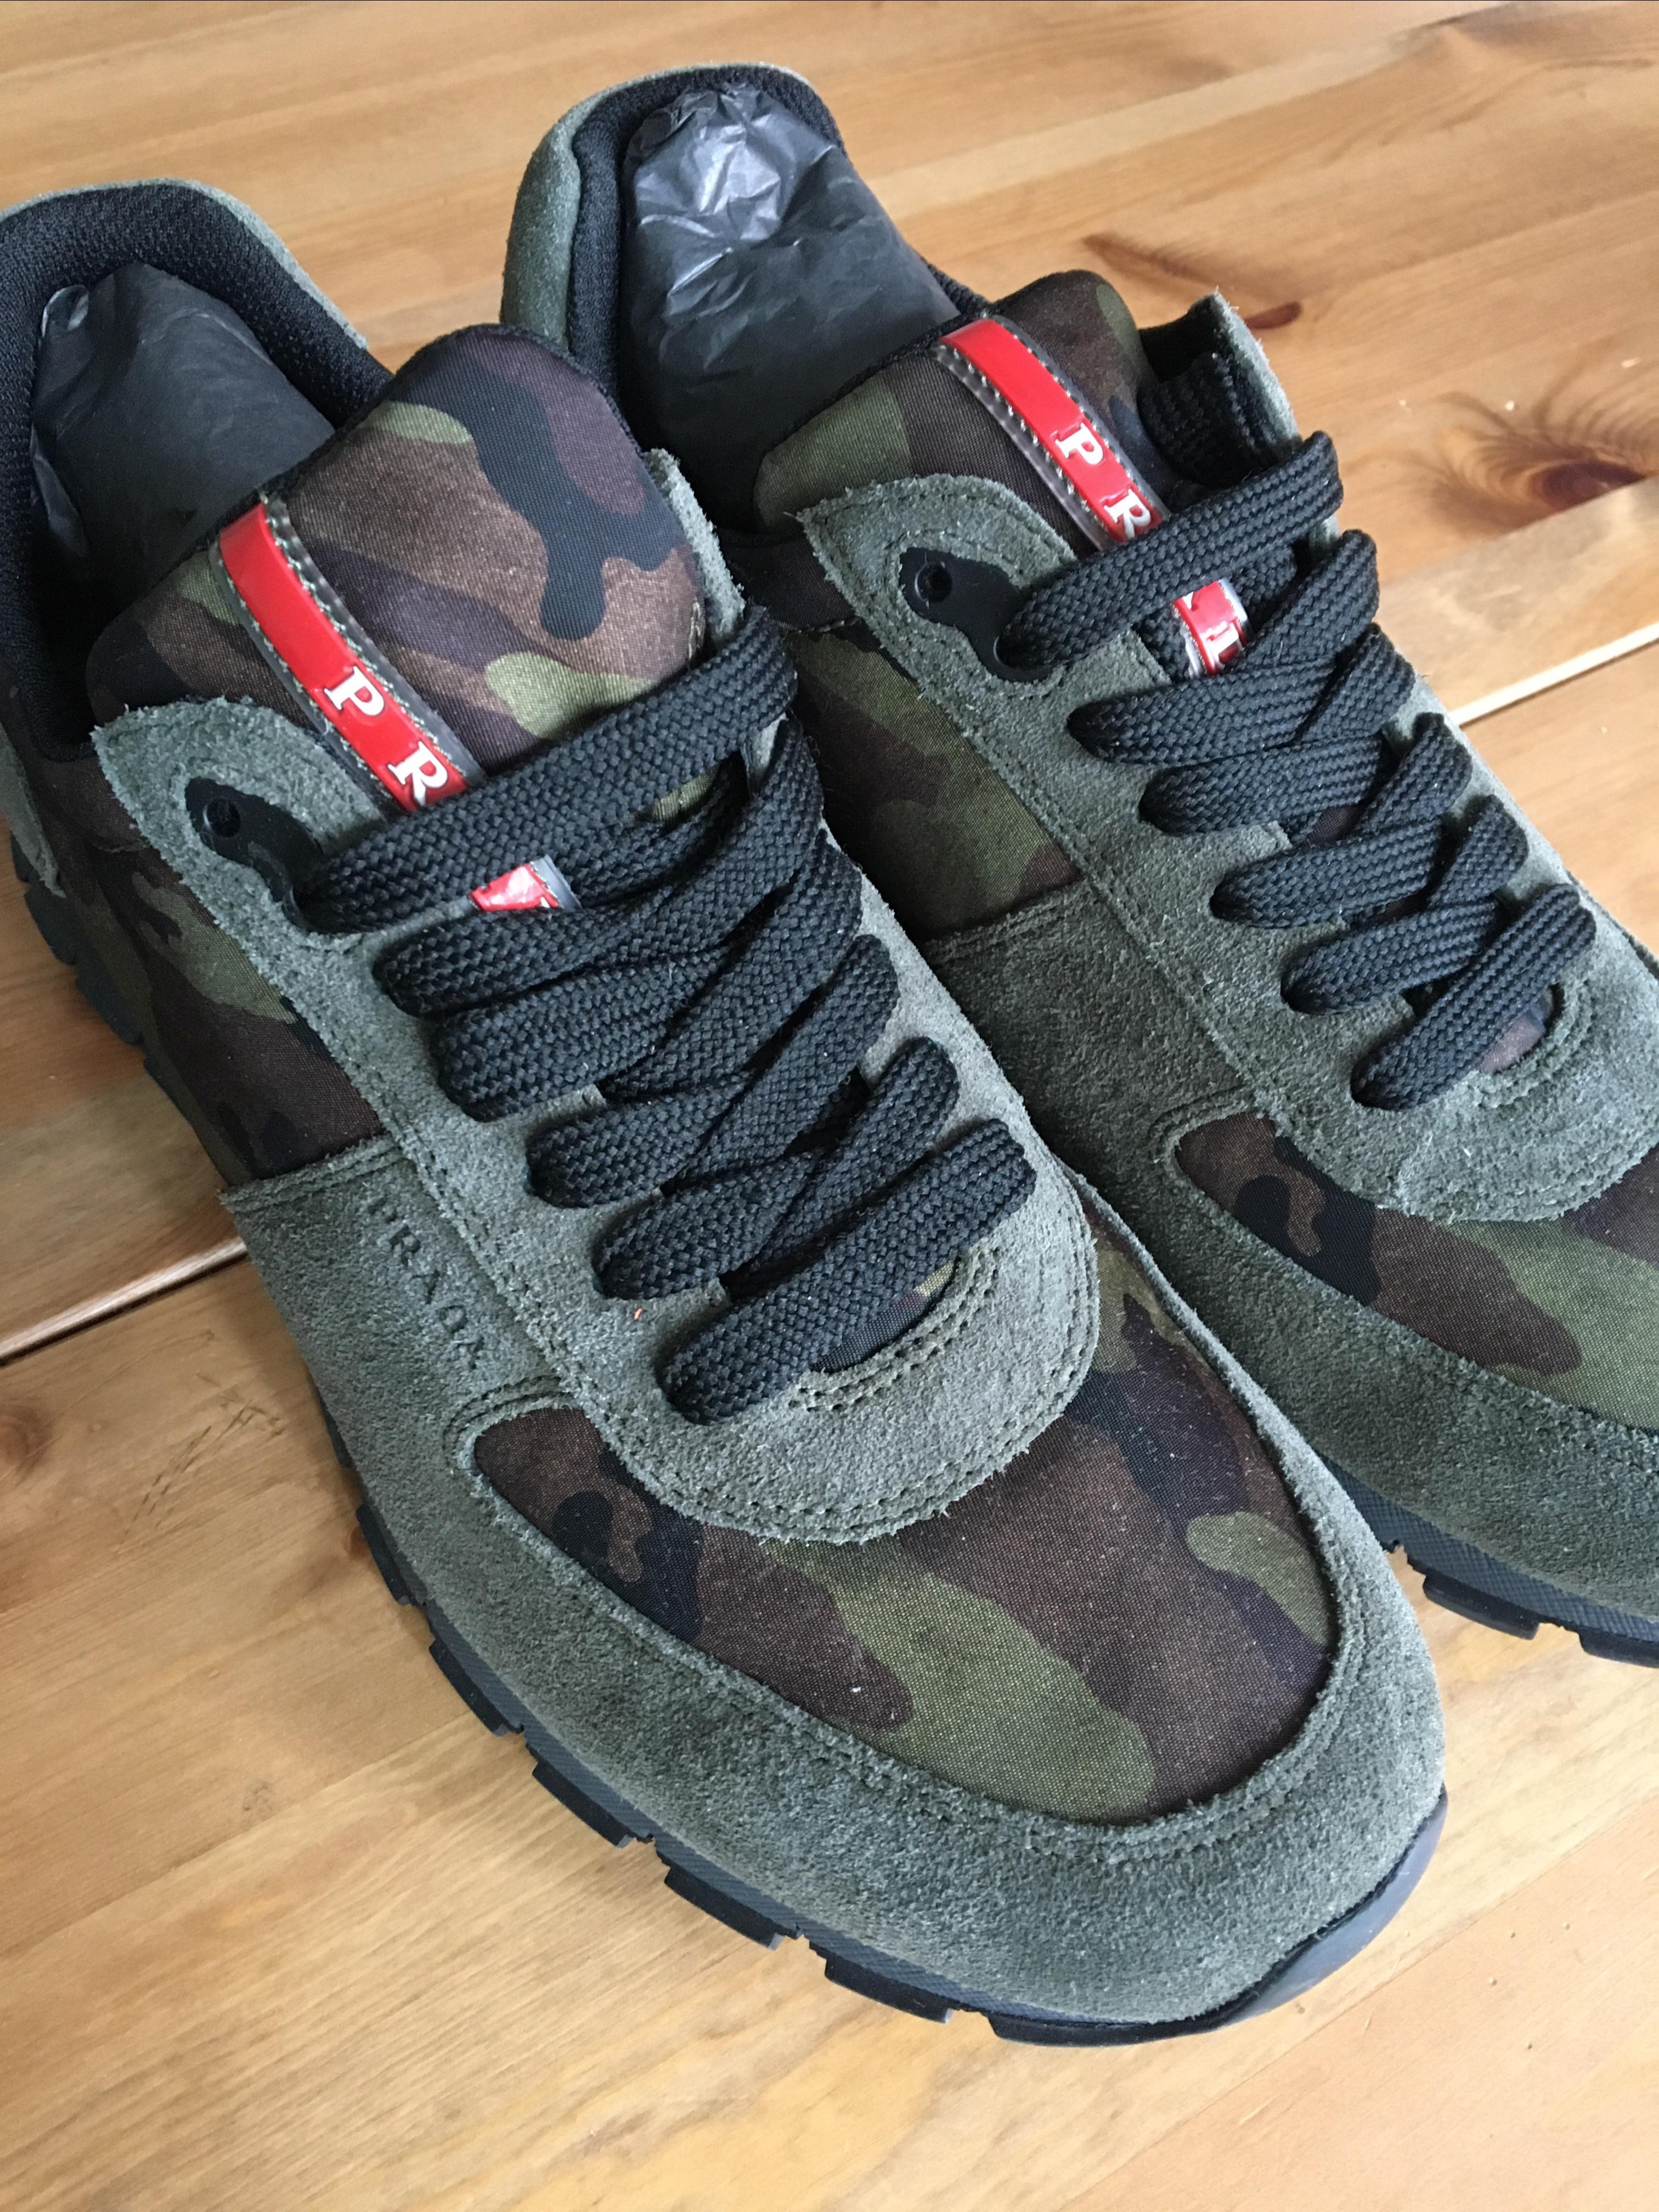 bd3e186a8336 Купить кроссовки Prada за 25000 руб. в интернет магазине - бутике с ...